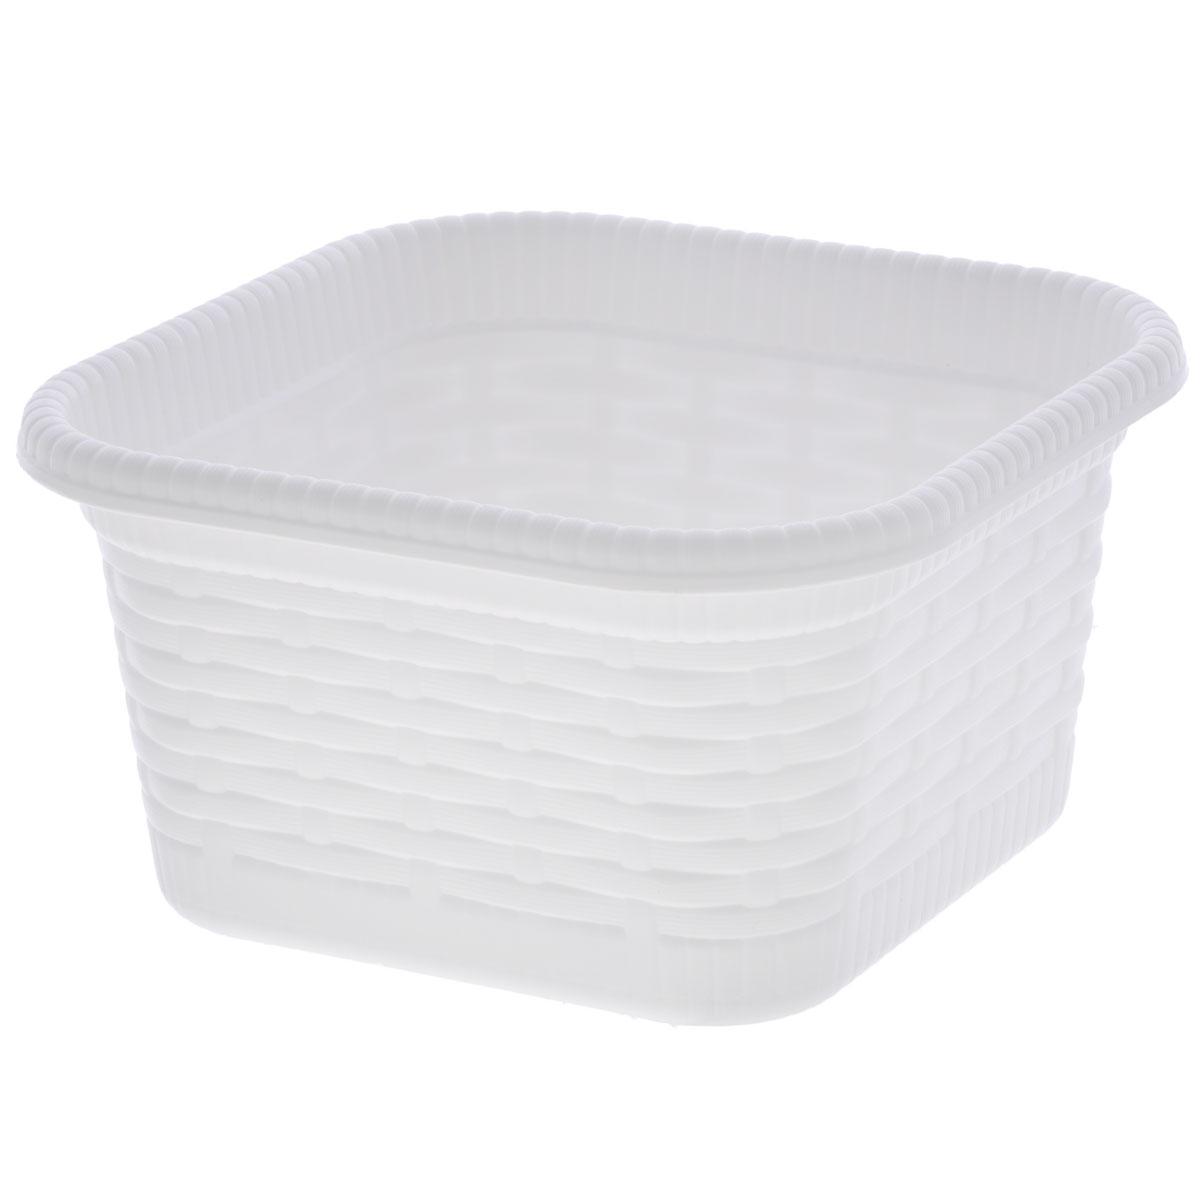 Корзина хозяйственная Gensini Rattan, цвет: белый, 15 х 15 х 8 см3340_белыйКорзина хозяйственная Gensini Rattan, выполненная из пластика, предназначена для хранения мелочей в ванной, на кухне, на даче или в гараже, исключая возможность их потери. Легкая воздушная корзина выполнена под плетенку и оснащена жесткой кромкой. Элегантный дизайн подойдет к интерьеру любого дома.